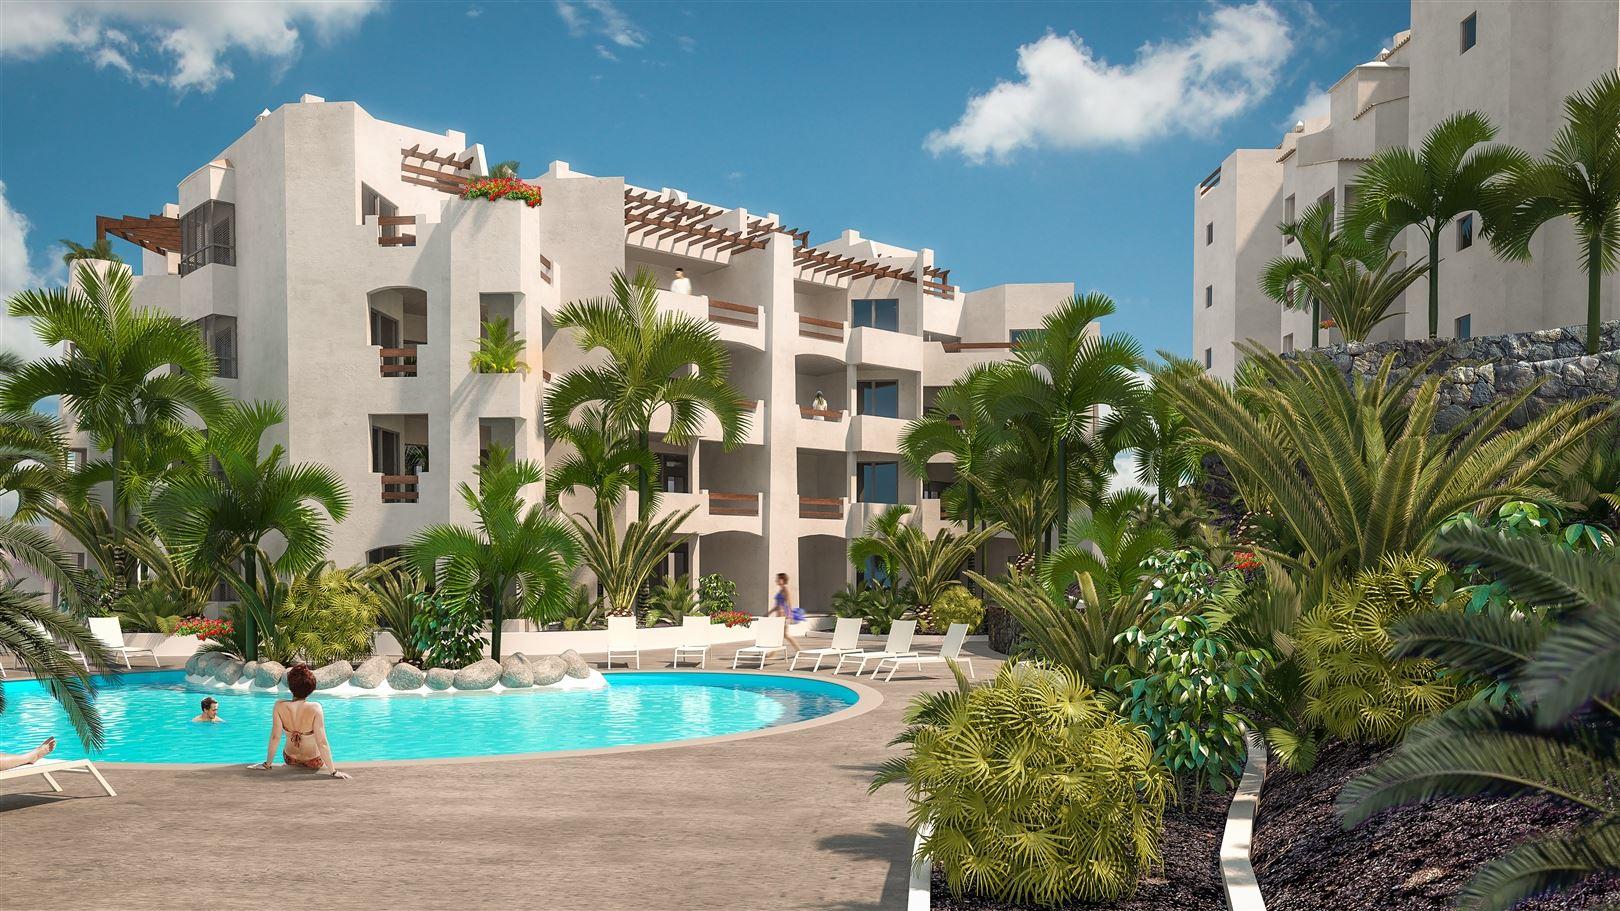 Foto 1 : Appartement te 38632 PALM MAR (Spanje) - Prijs € 450.000